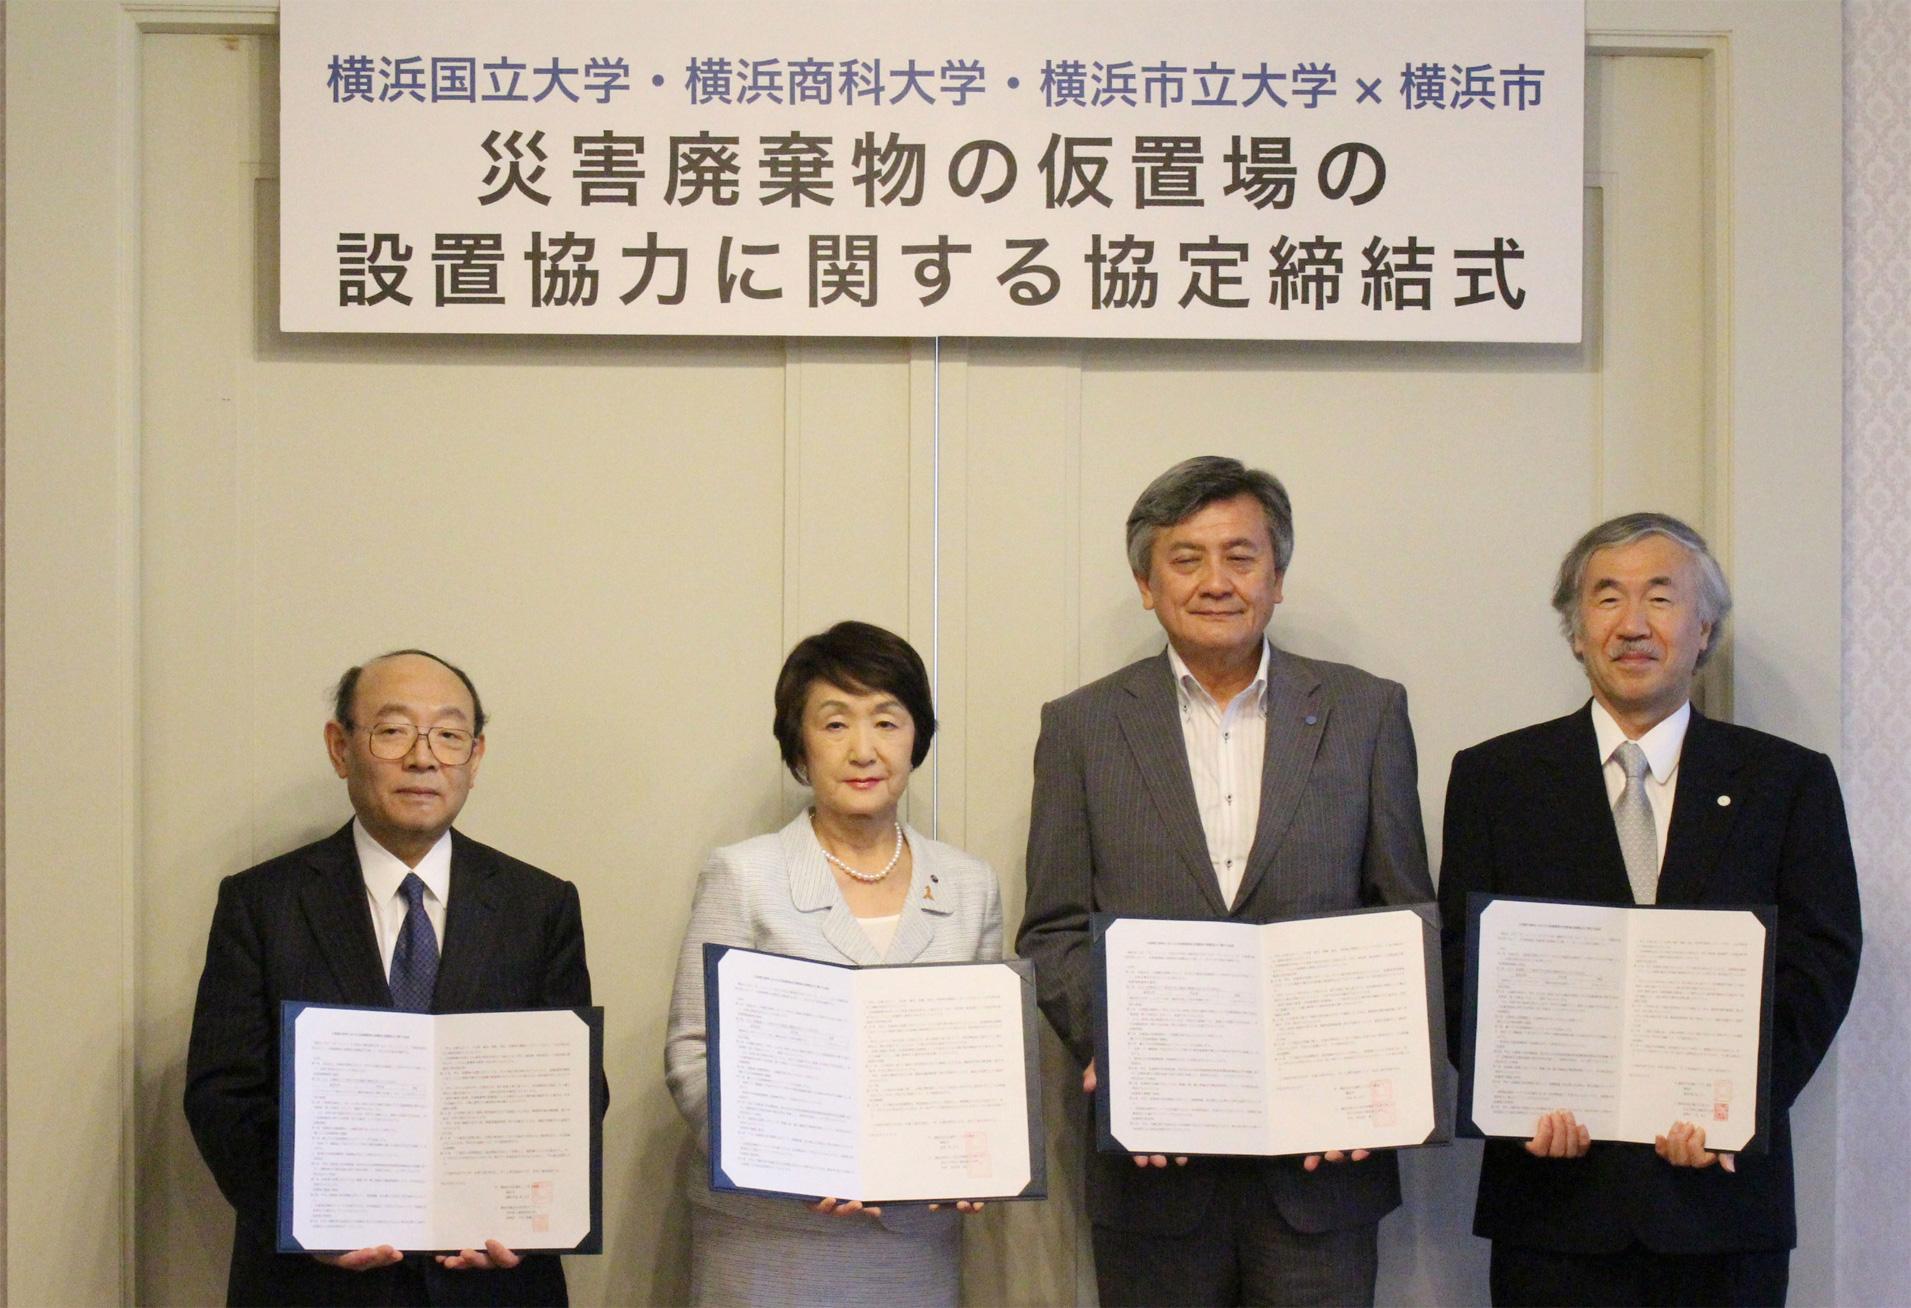 横浜商科大学が横浜市と「大規模災害時における災害廃棄物の仮置場の設置協力に関する協定」を締結 -- 災害発生時に大学のグラウンドを提供